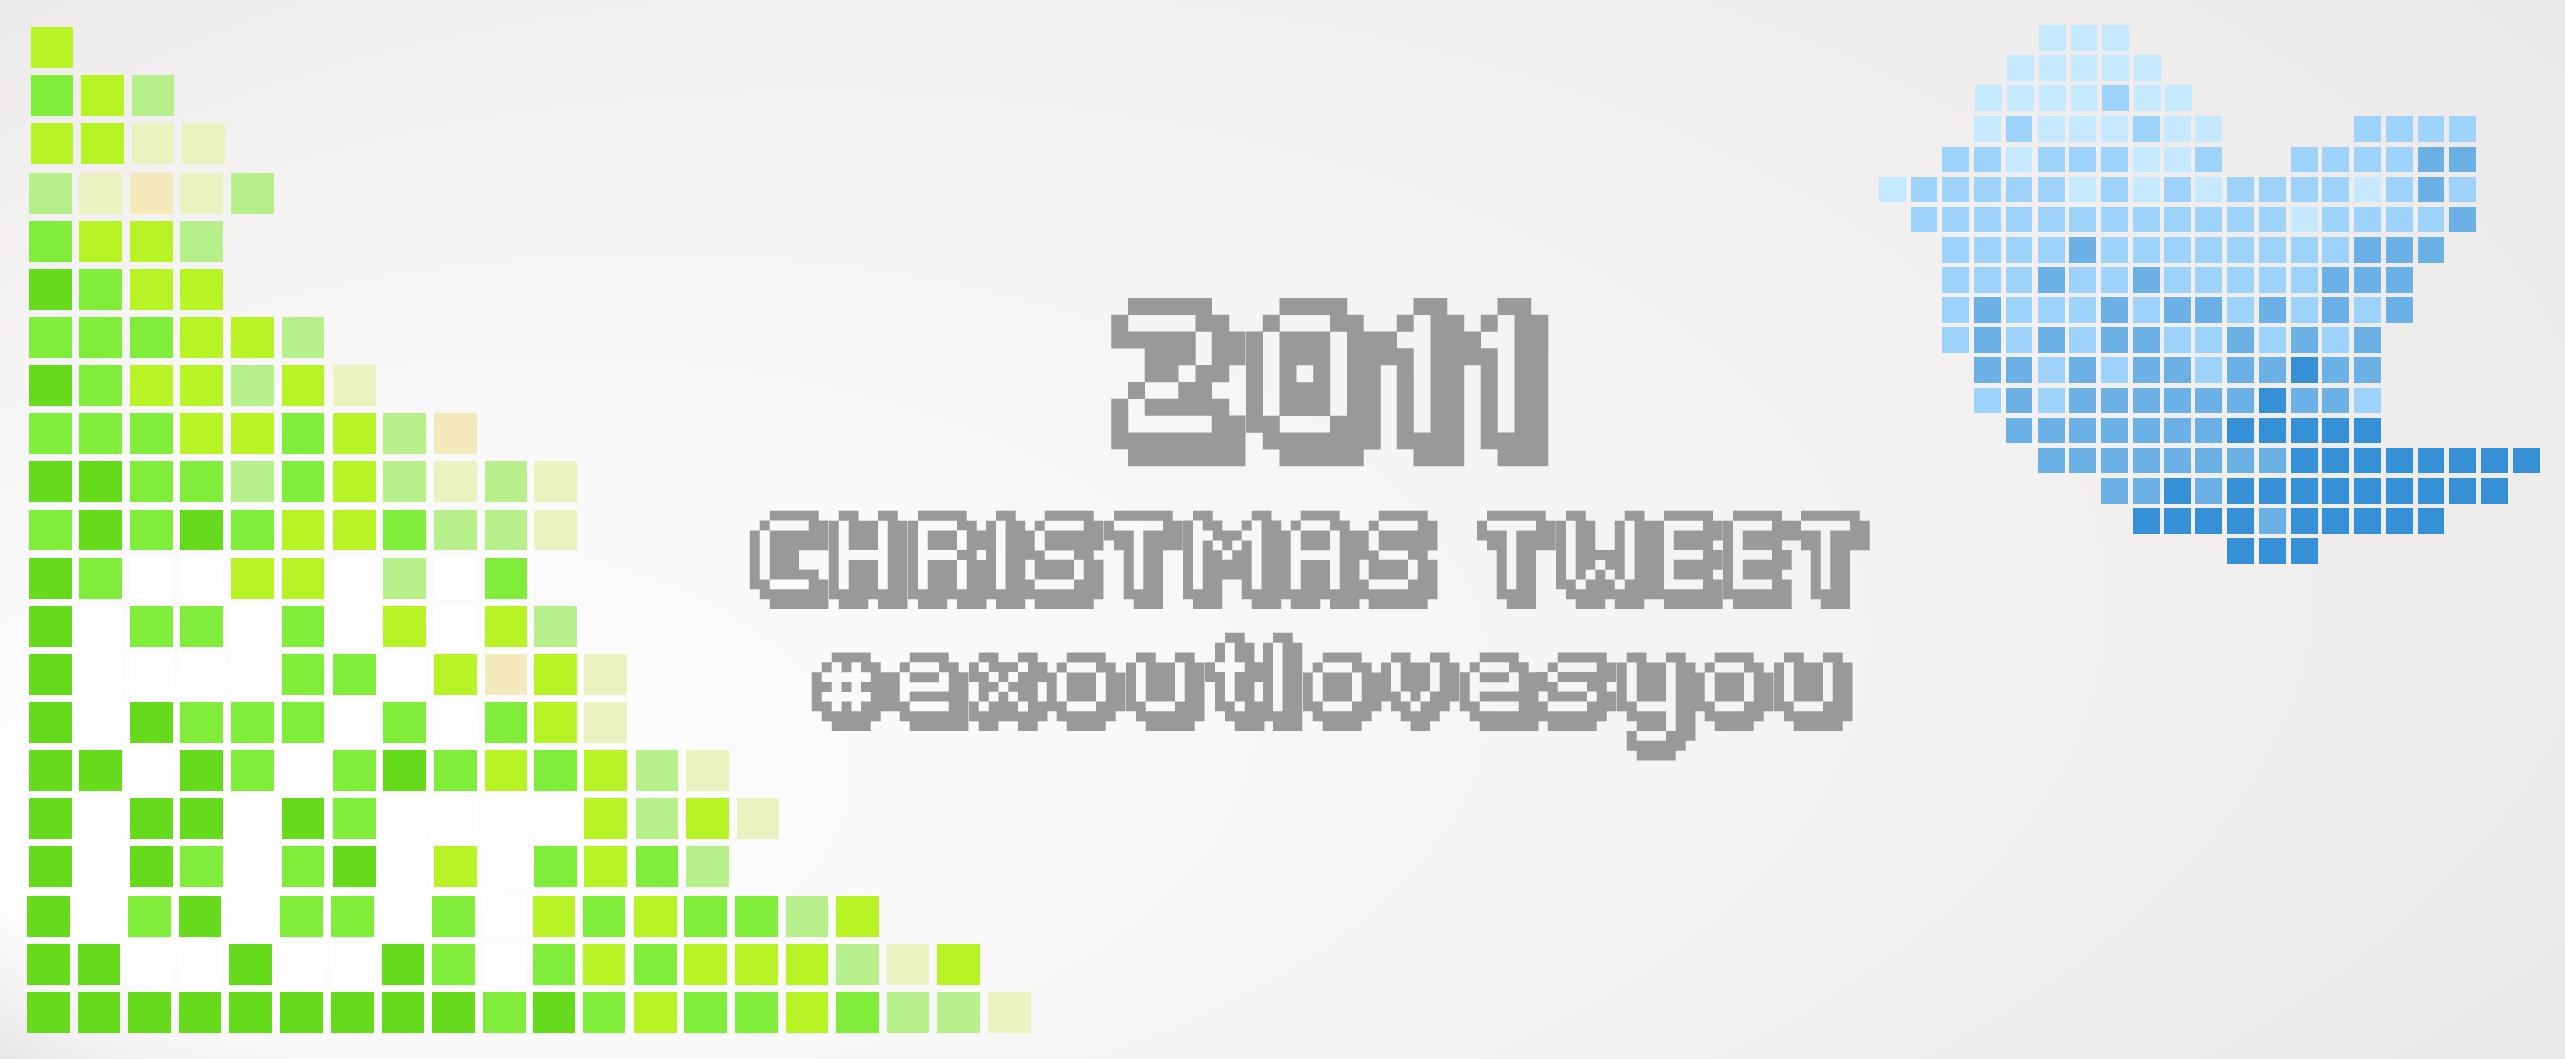 Christmas Tweet 2011